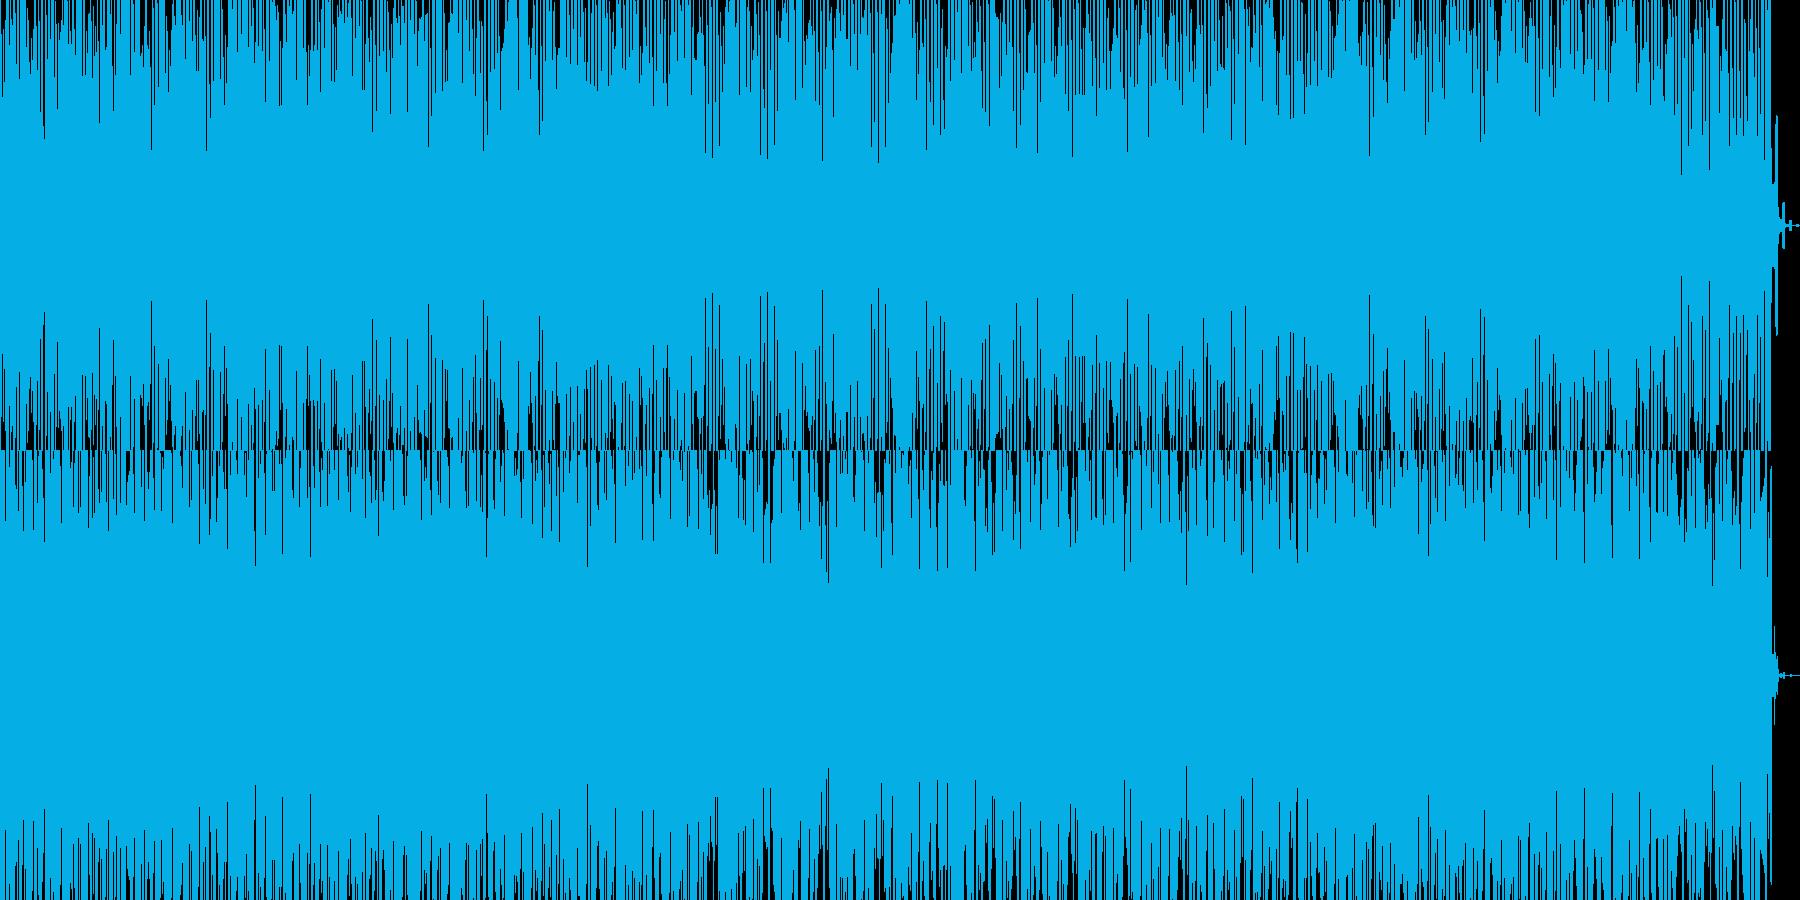 明るく程よいテンポのダンスミュージックの再生済みの波形